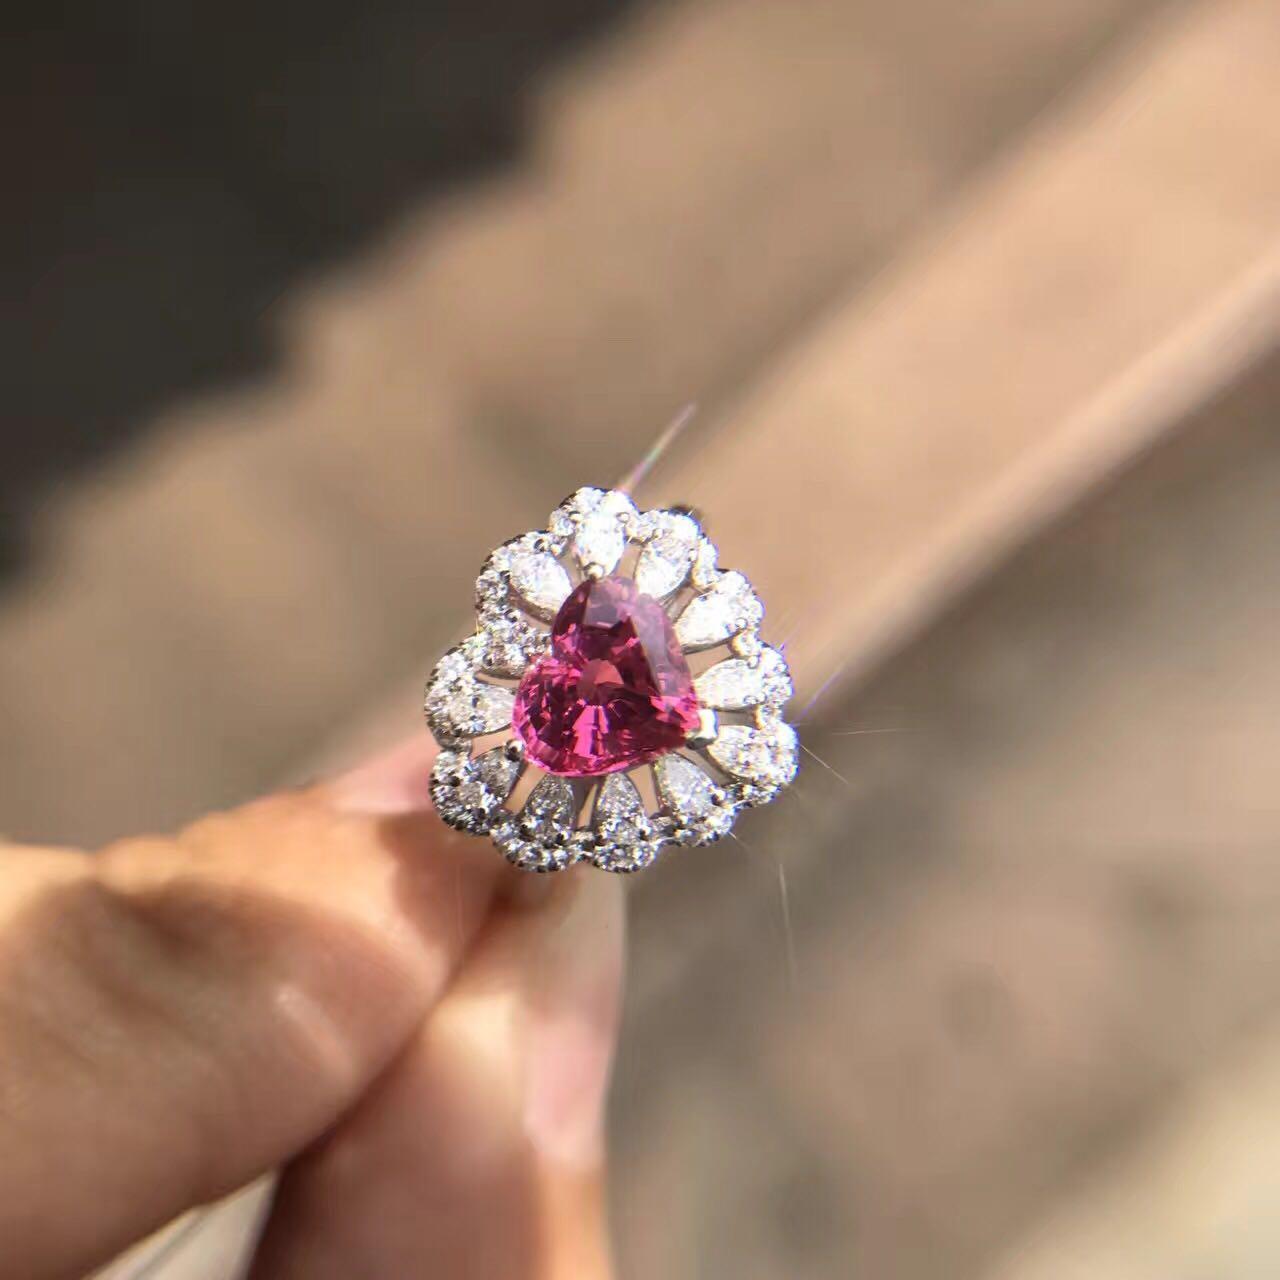 18K钻石翡翠心形宝石红宝蓝宝尖晶戒指吊坠手链镶嵌首饰加工定制